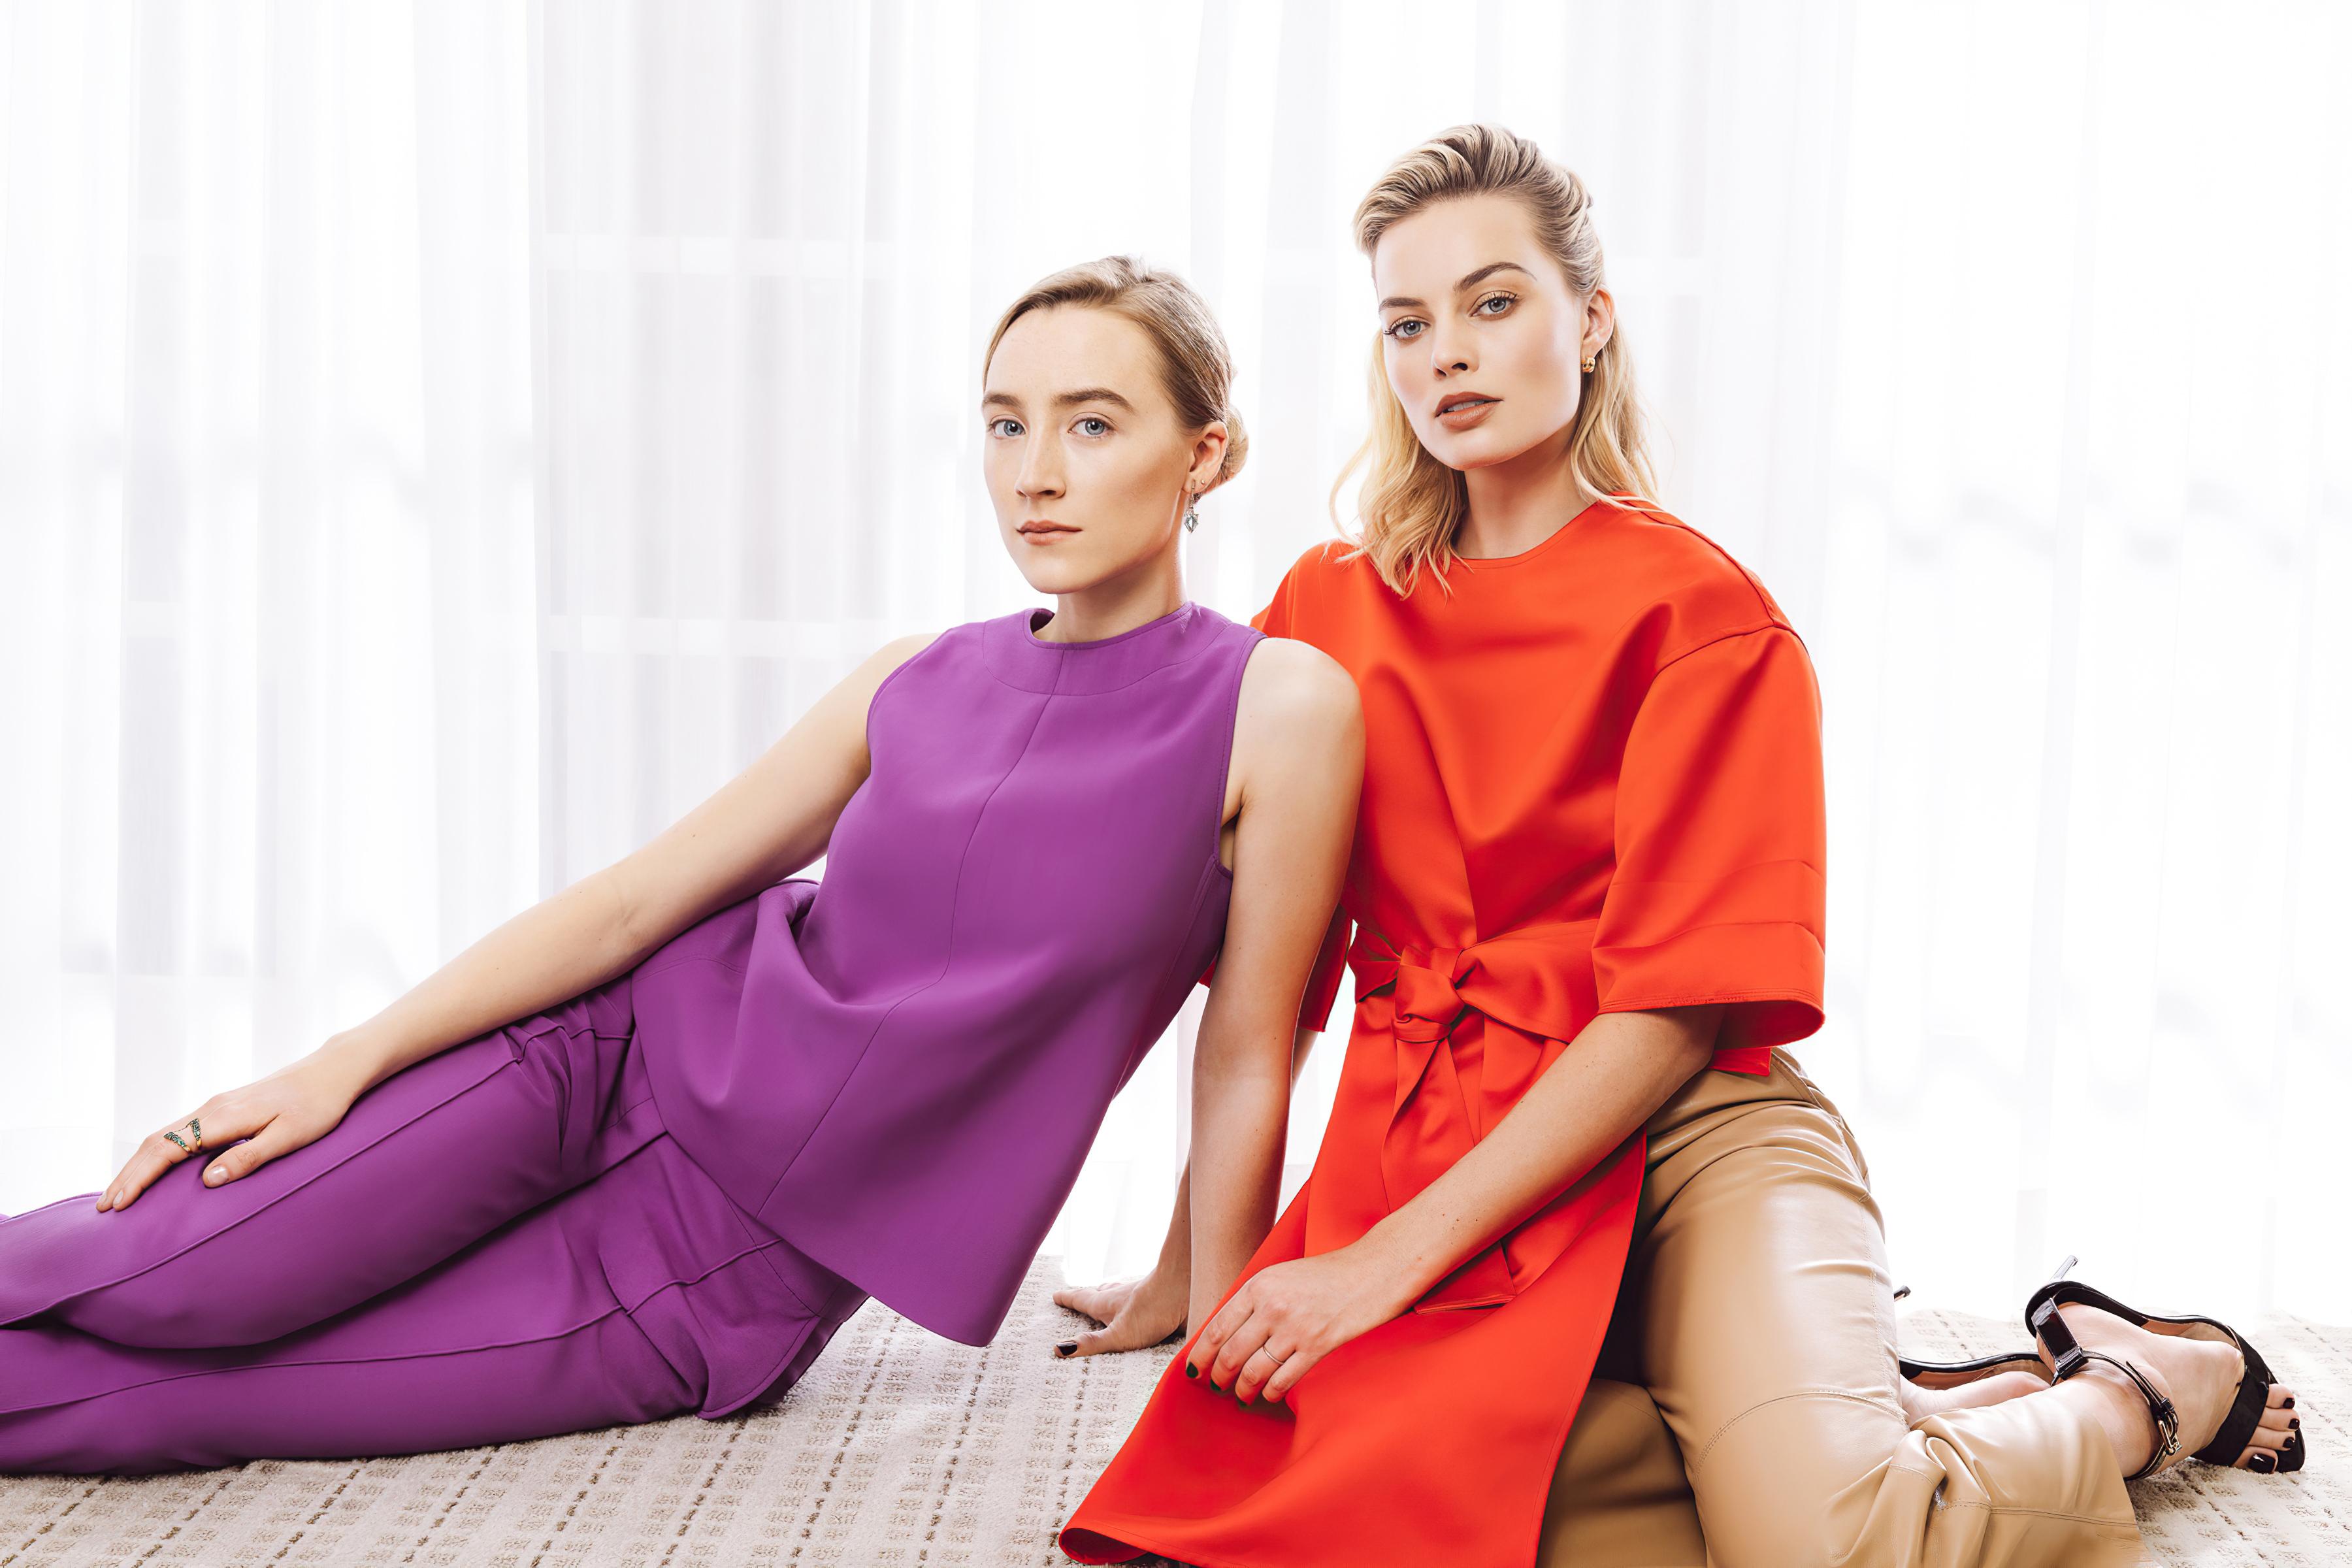 Margot Robbie and Saoirse Ronan Wallpaper HD Celebrities 4K 3600x2400